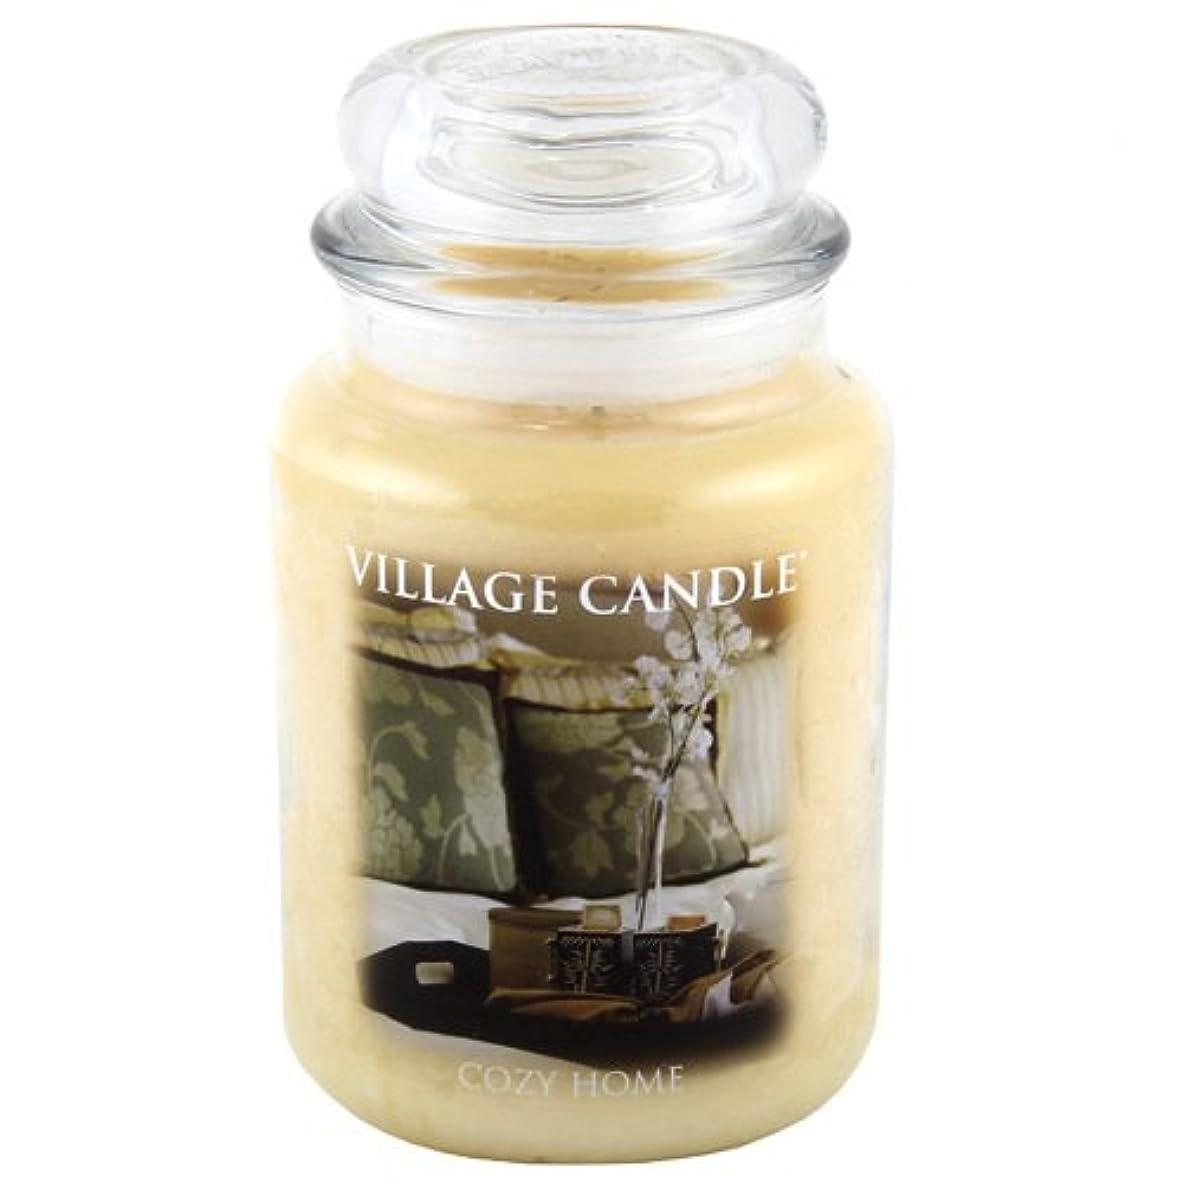 驚いたことにマニアチョップVillage Candle Large Fragranced Candle Jar - 17cm x 10cm - 26oz (1219g)- Cozy Home - upto 170 hours burn time...